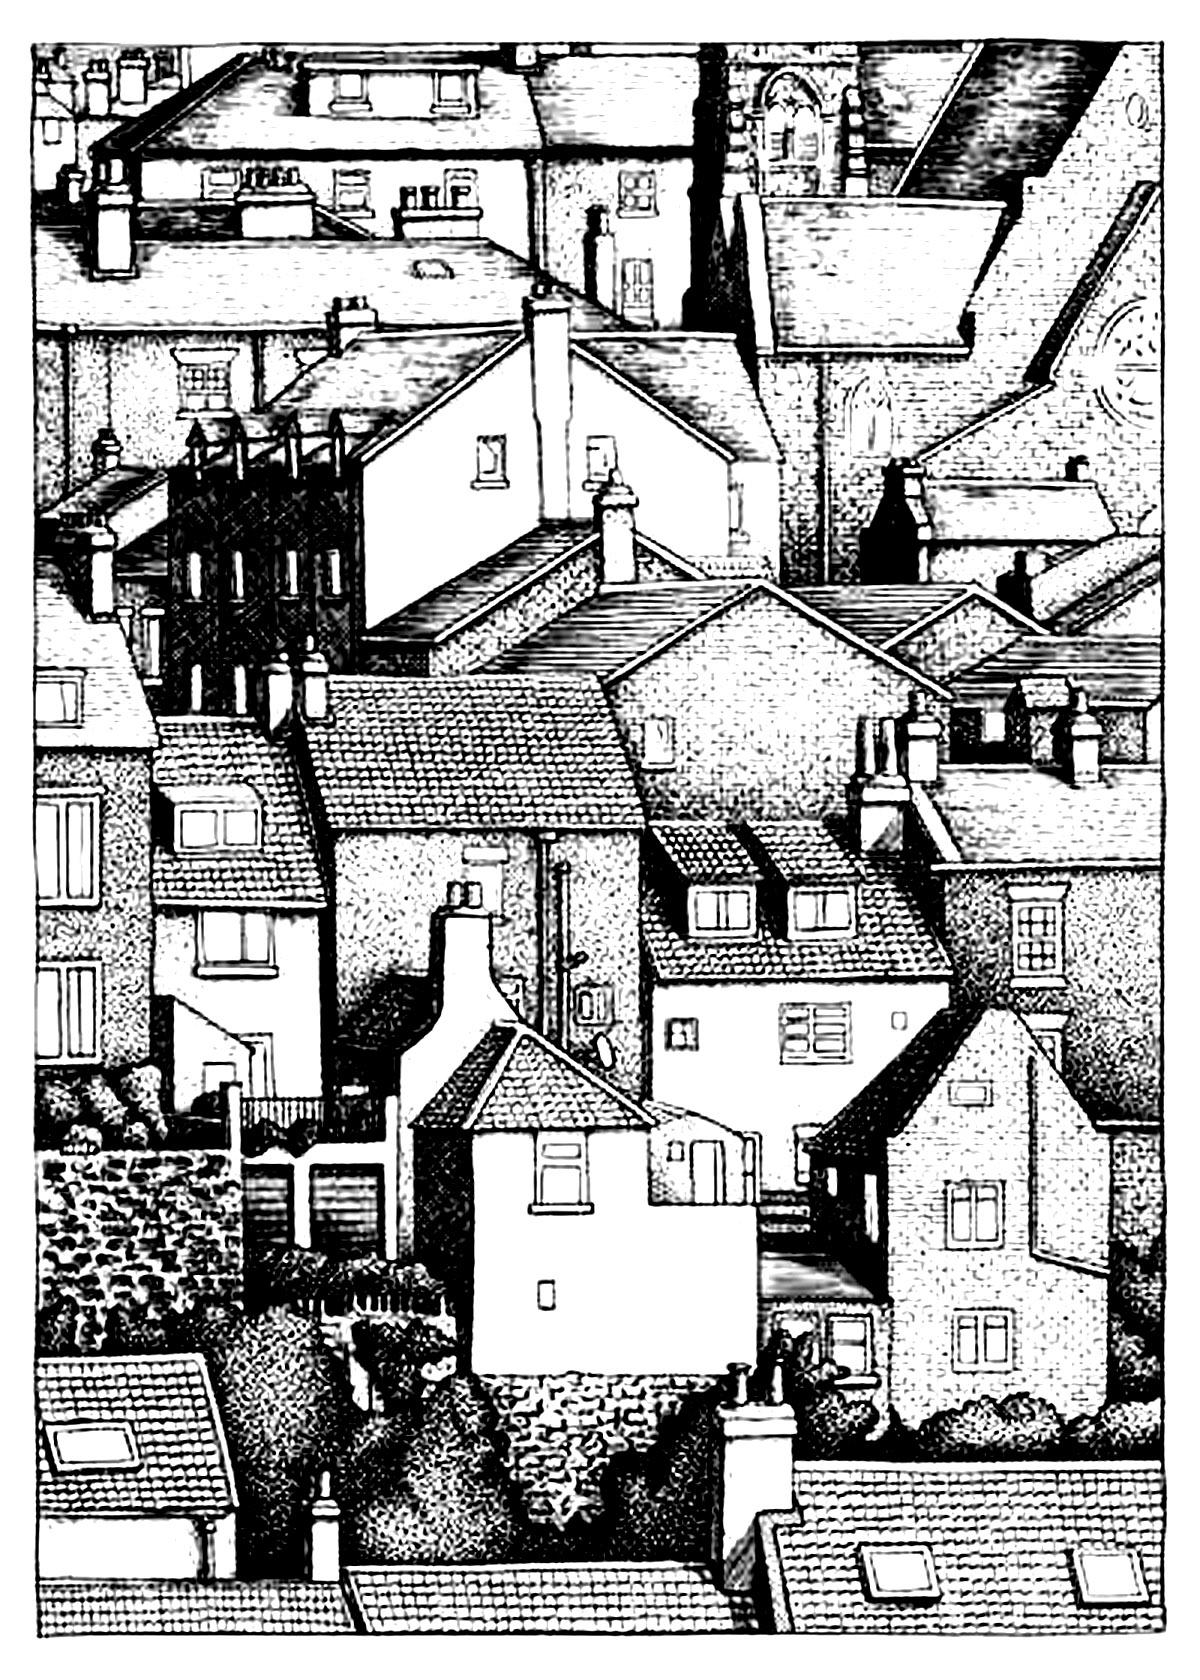 Architektur zuhause 15312